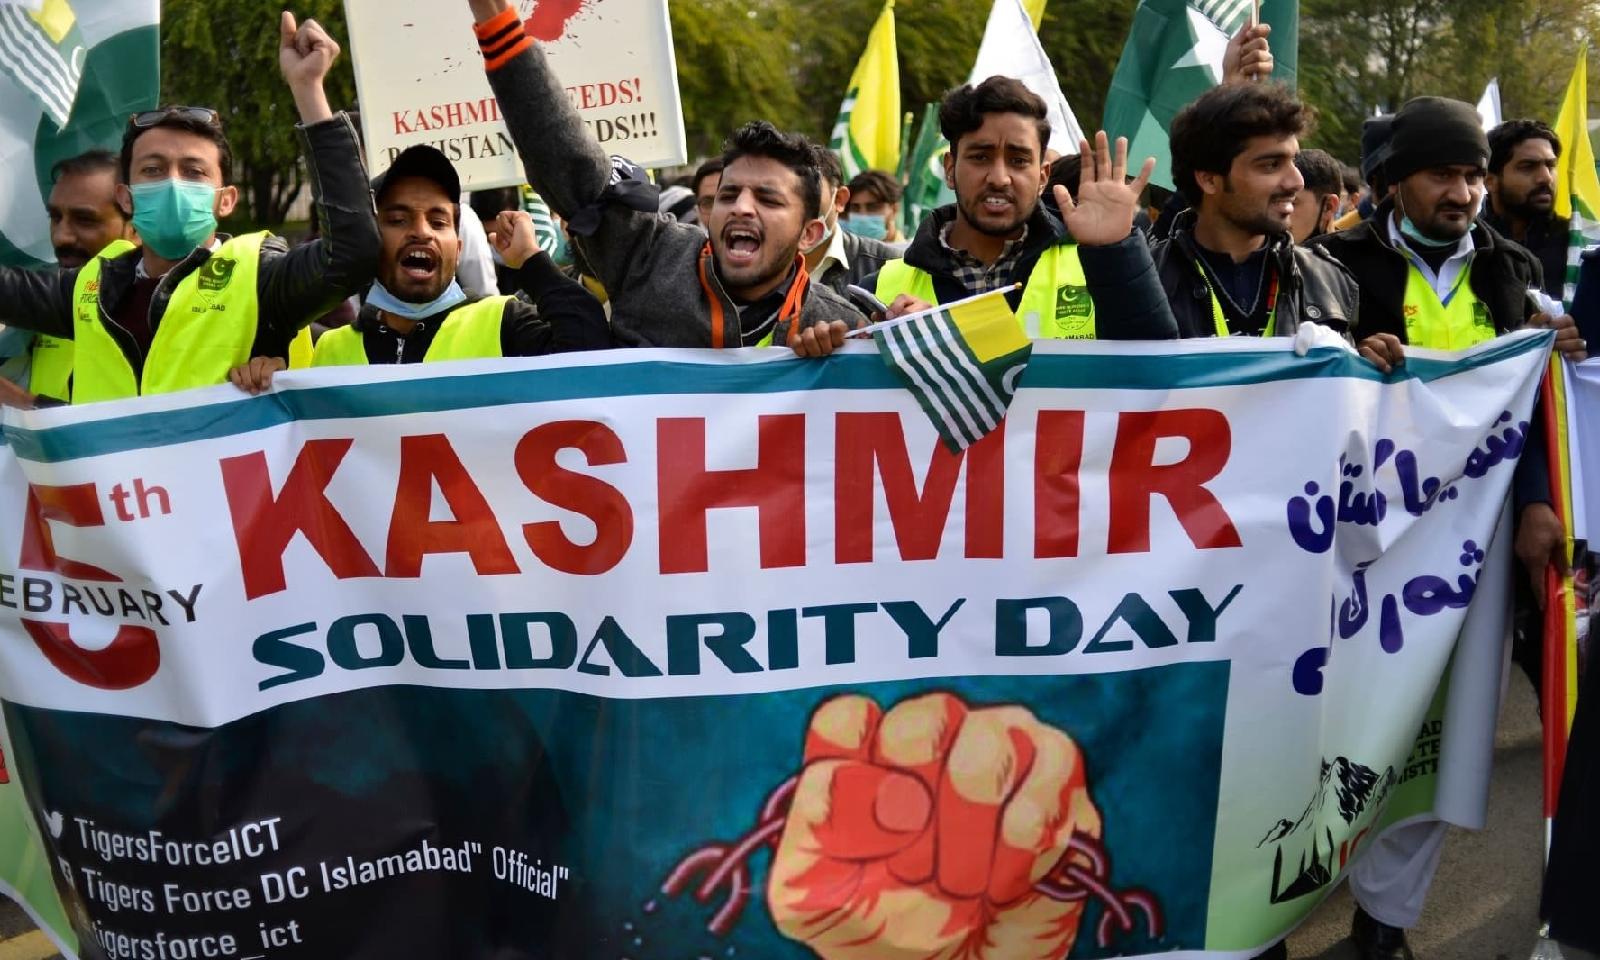 پاکستان بھر میں یک جہتی کشمیر ریلیاں نکالی گئیں—فوٹو: اے ایف پی